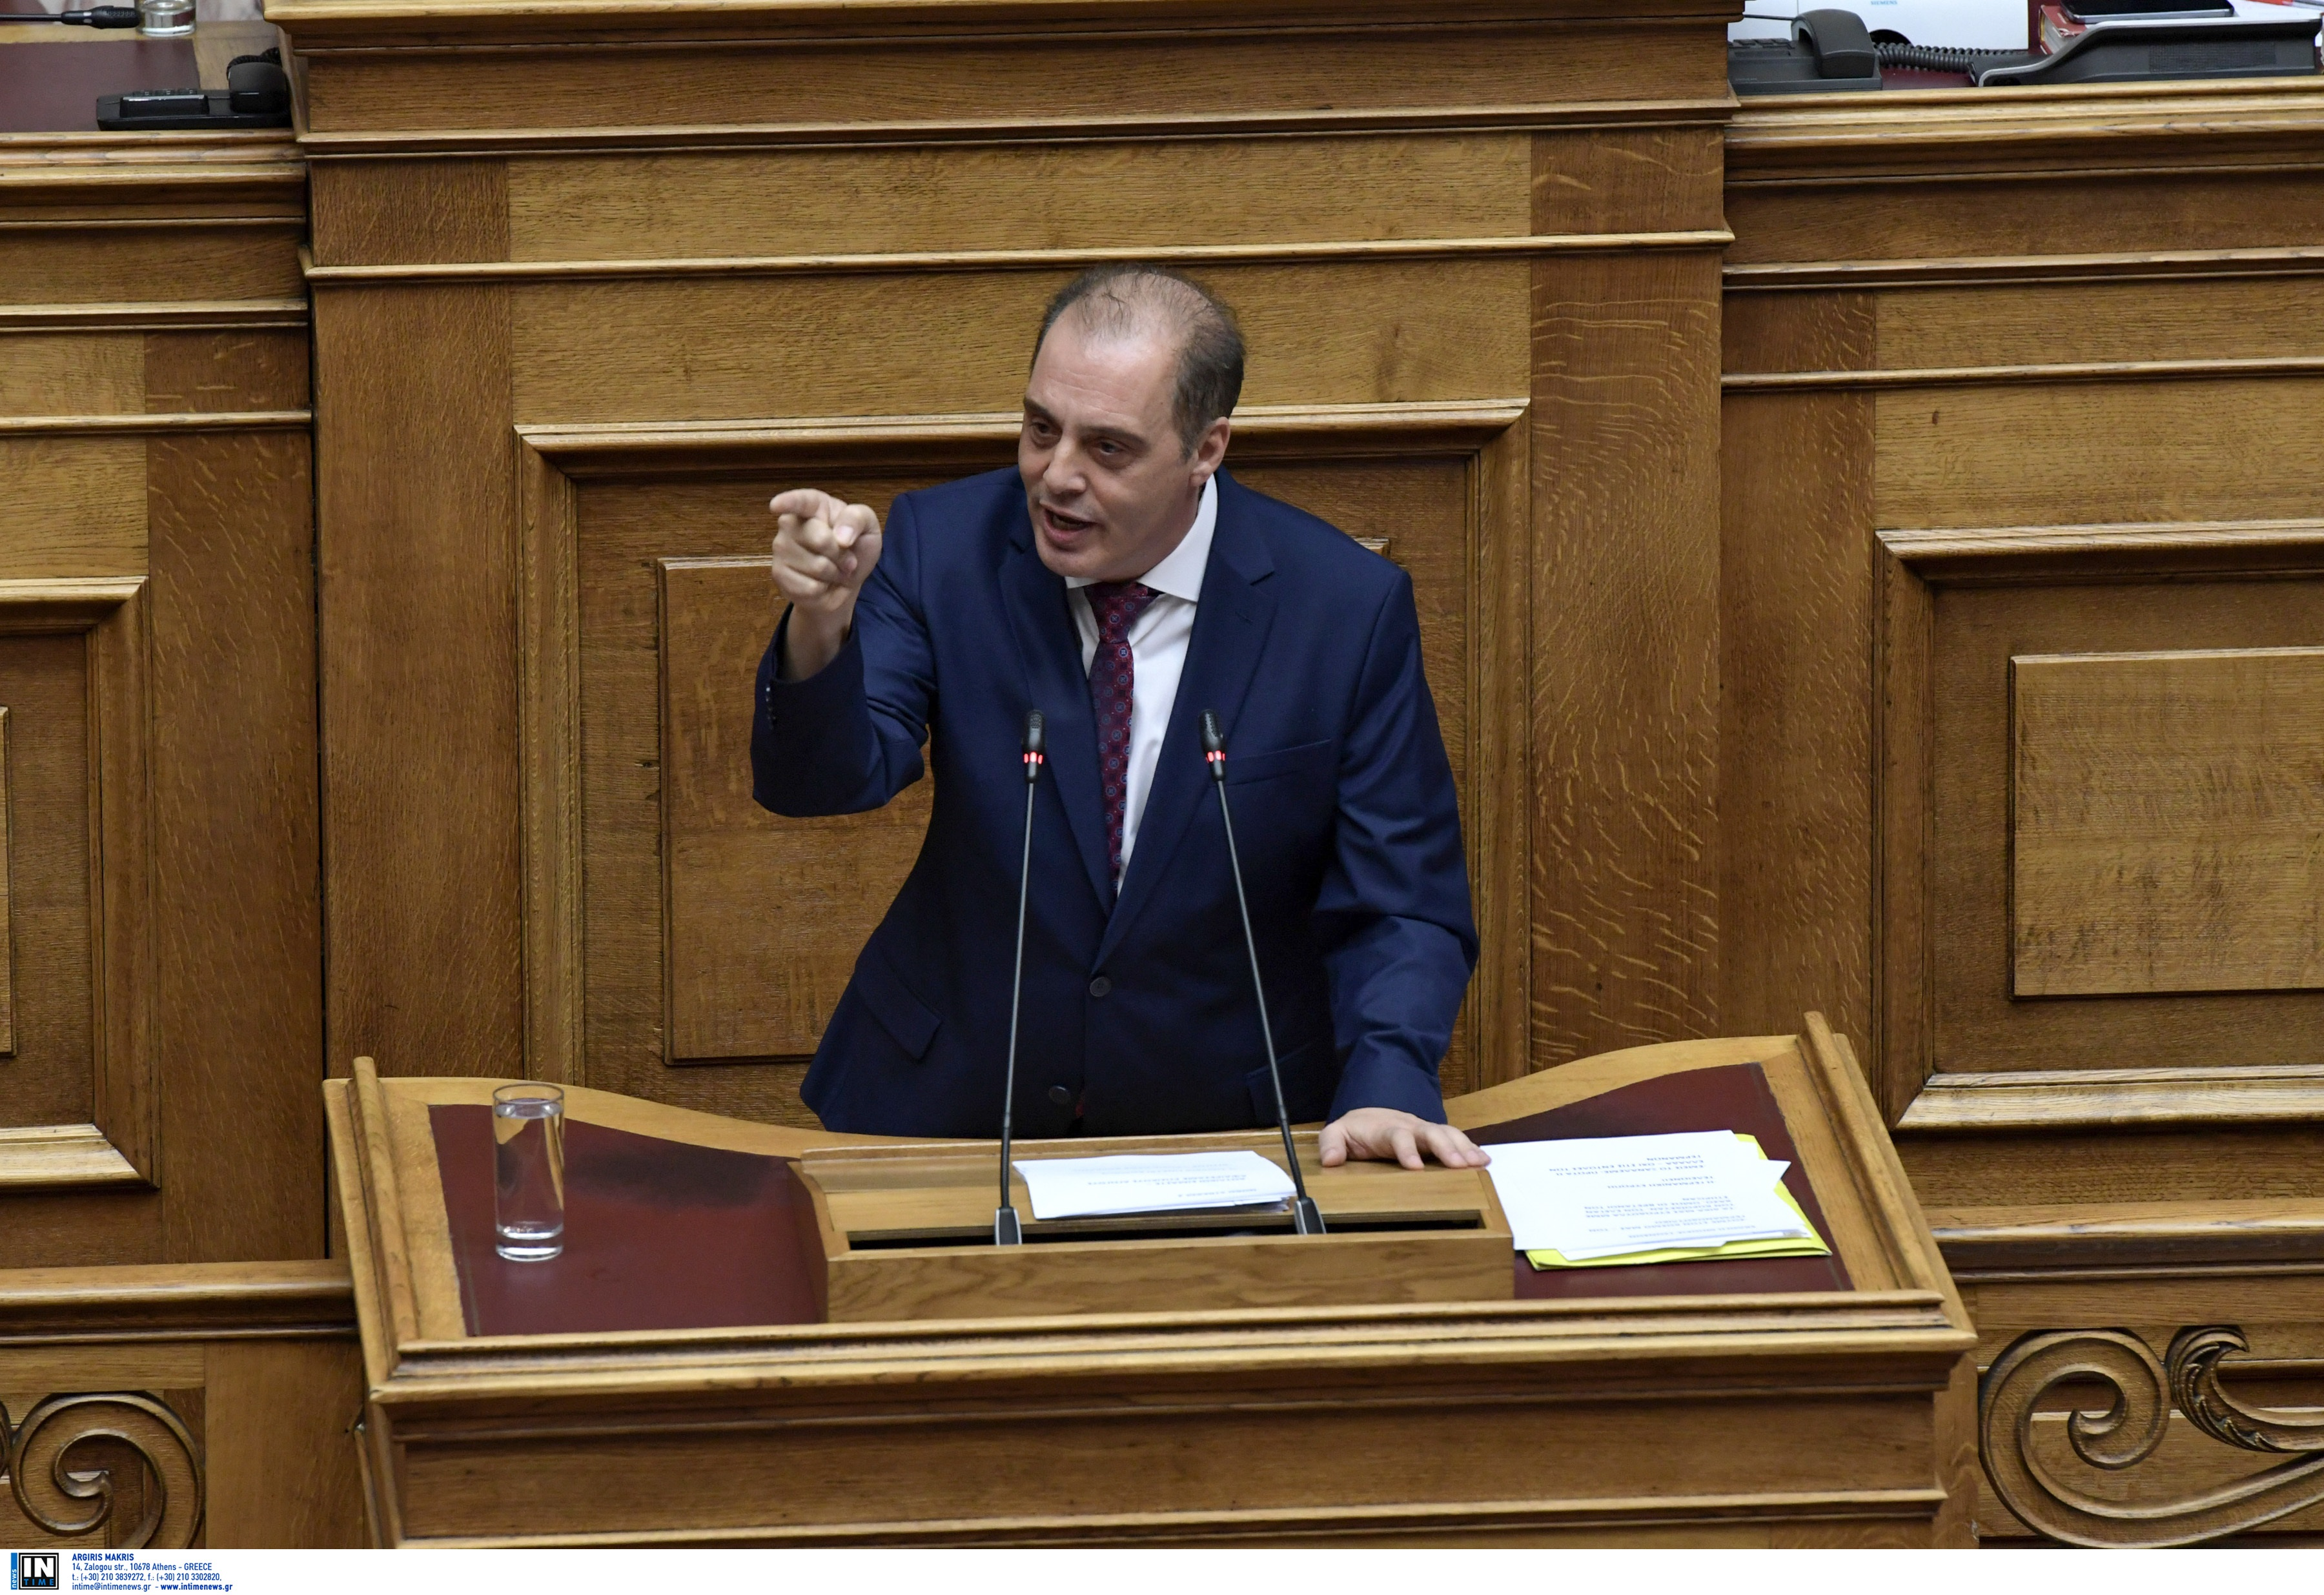 Bελόπουλος: Να κάνουμε μποϊκοτάζ στα τουρκικά προϊόντα για την Αγιά Σοφιά